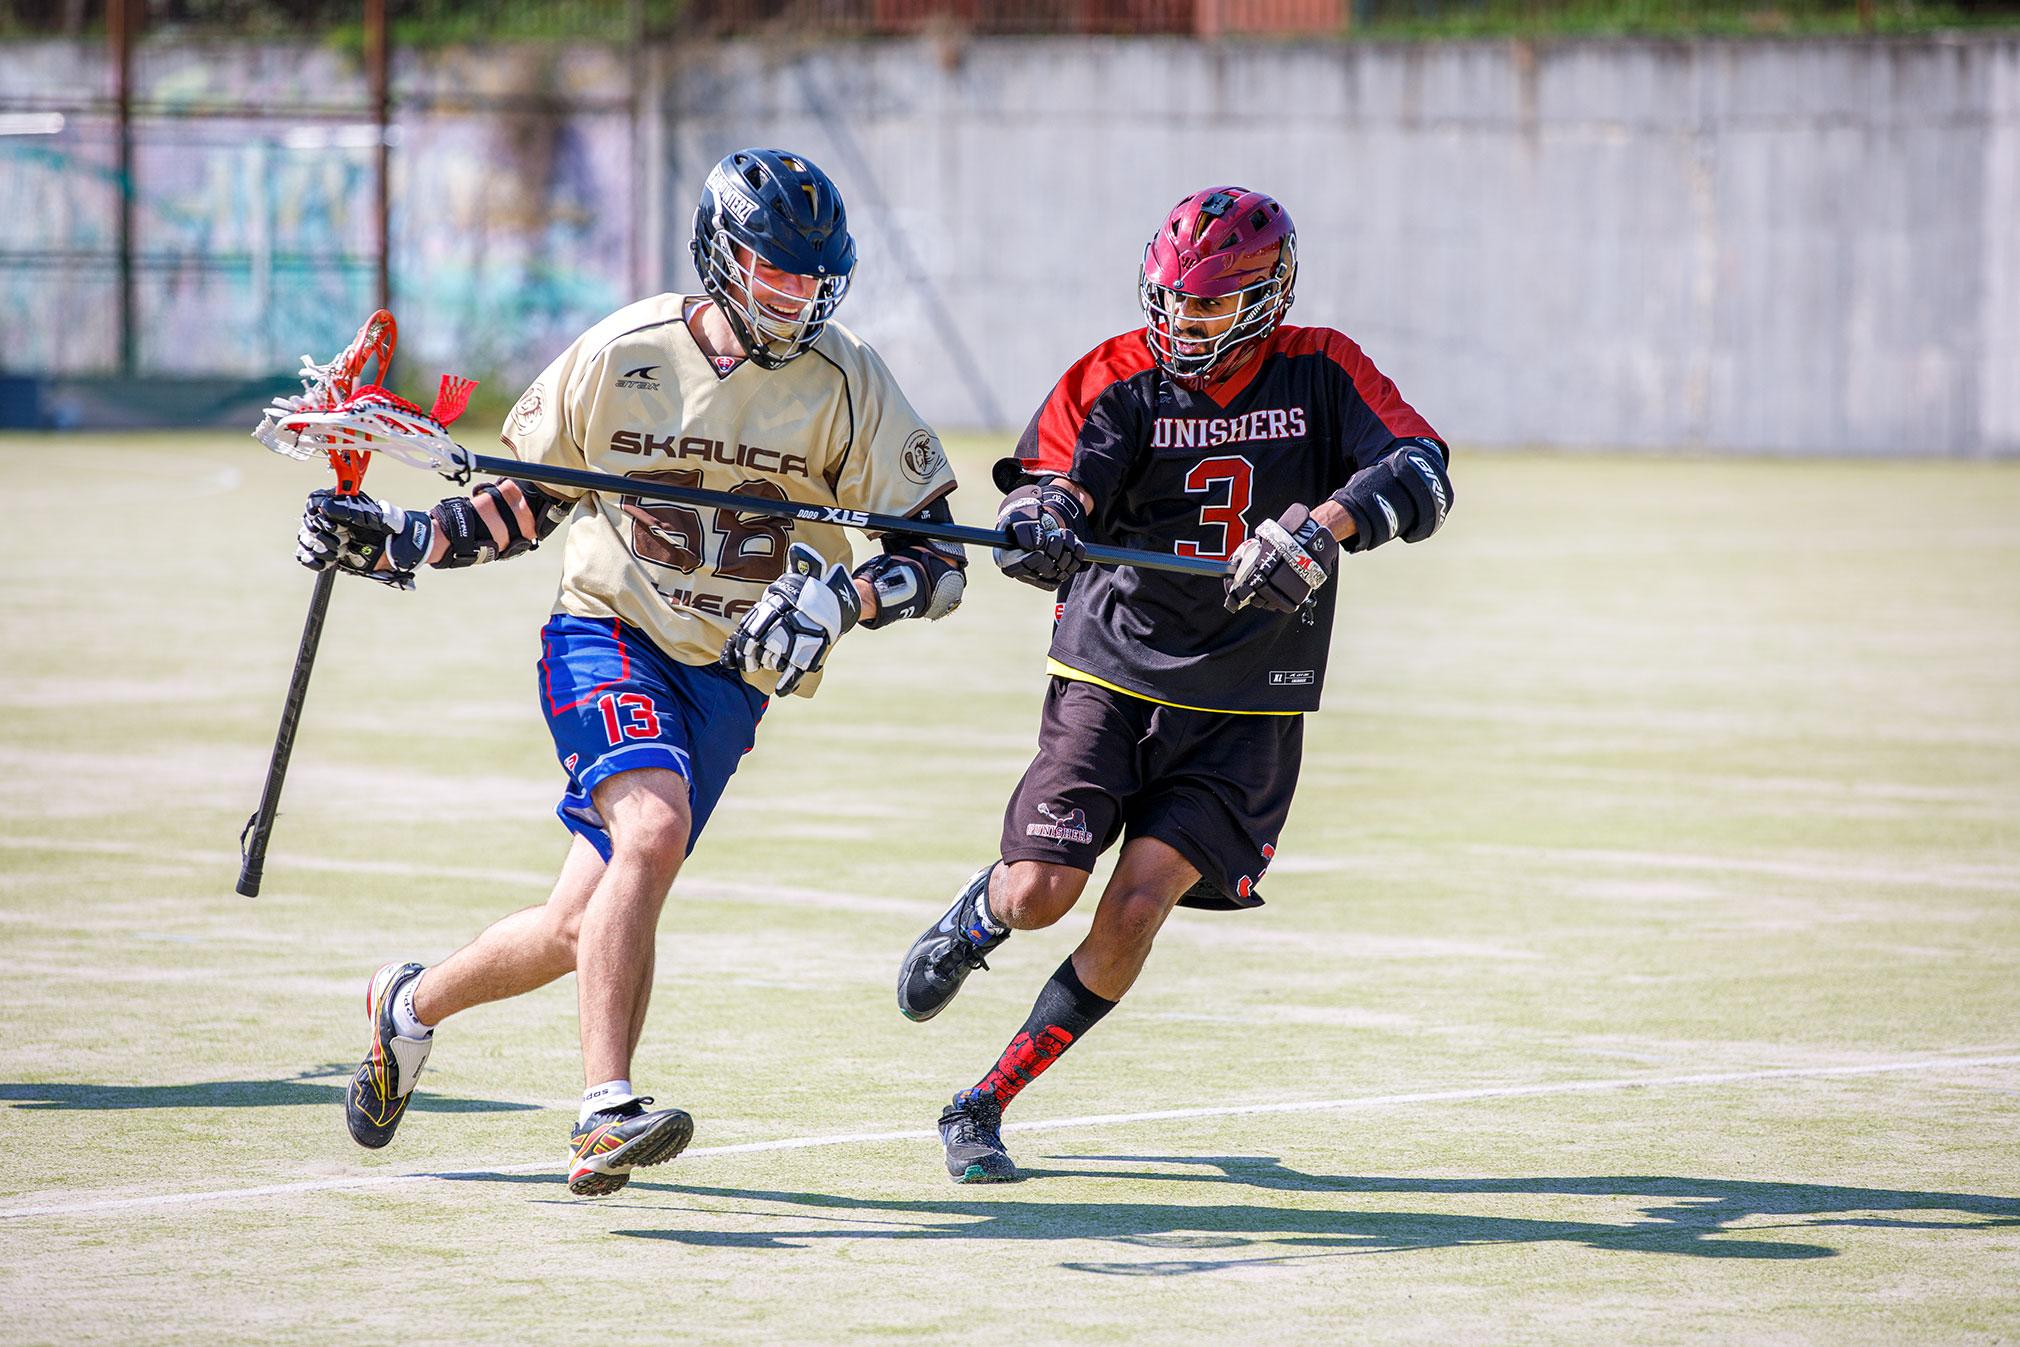 Športová fotografia